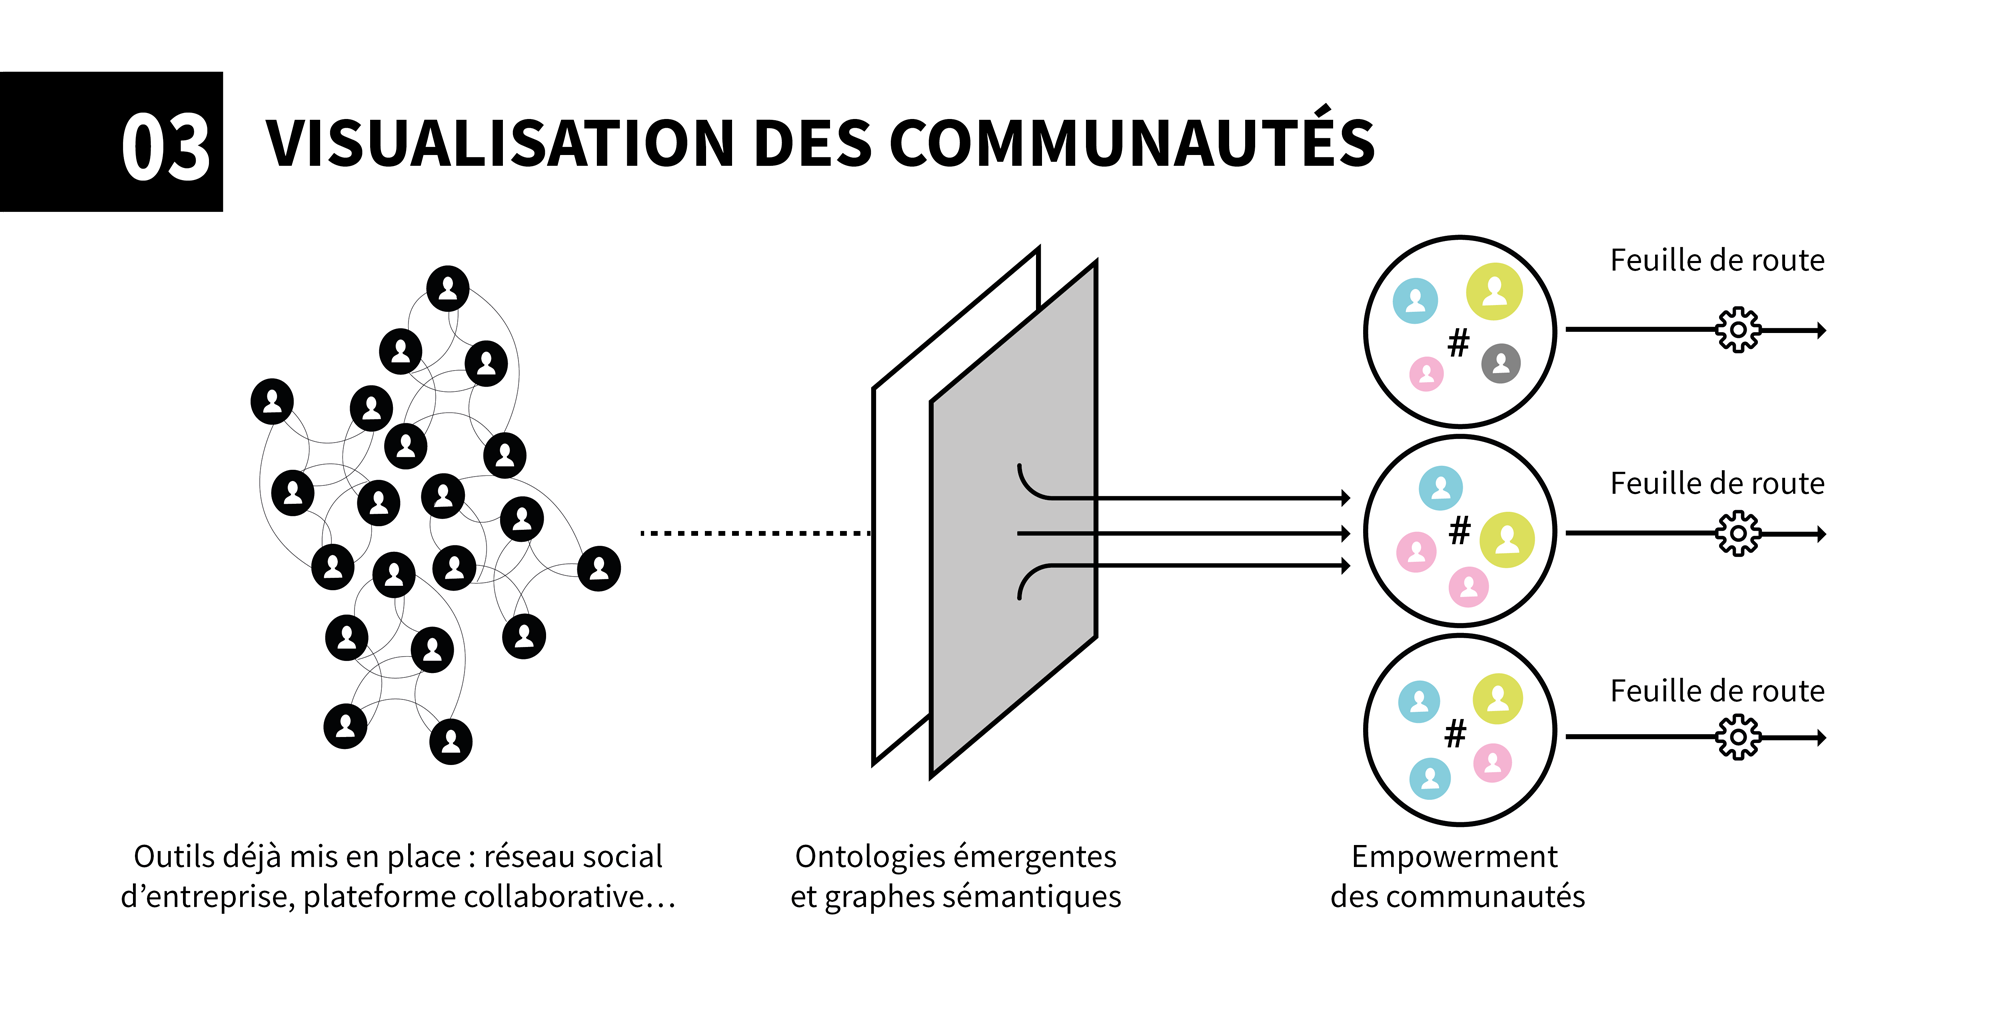 AnthropoviZ - visualisation des communautés